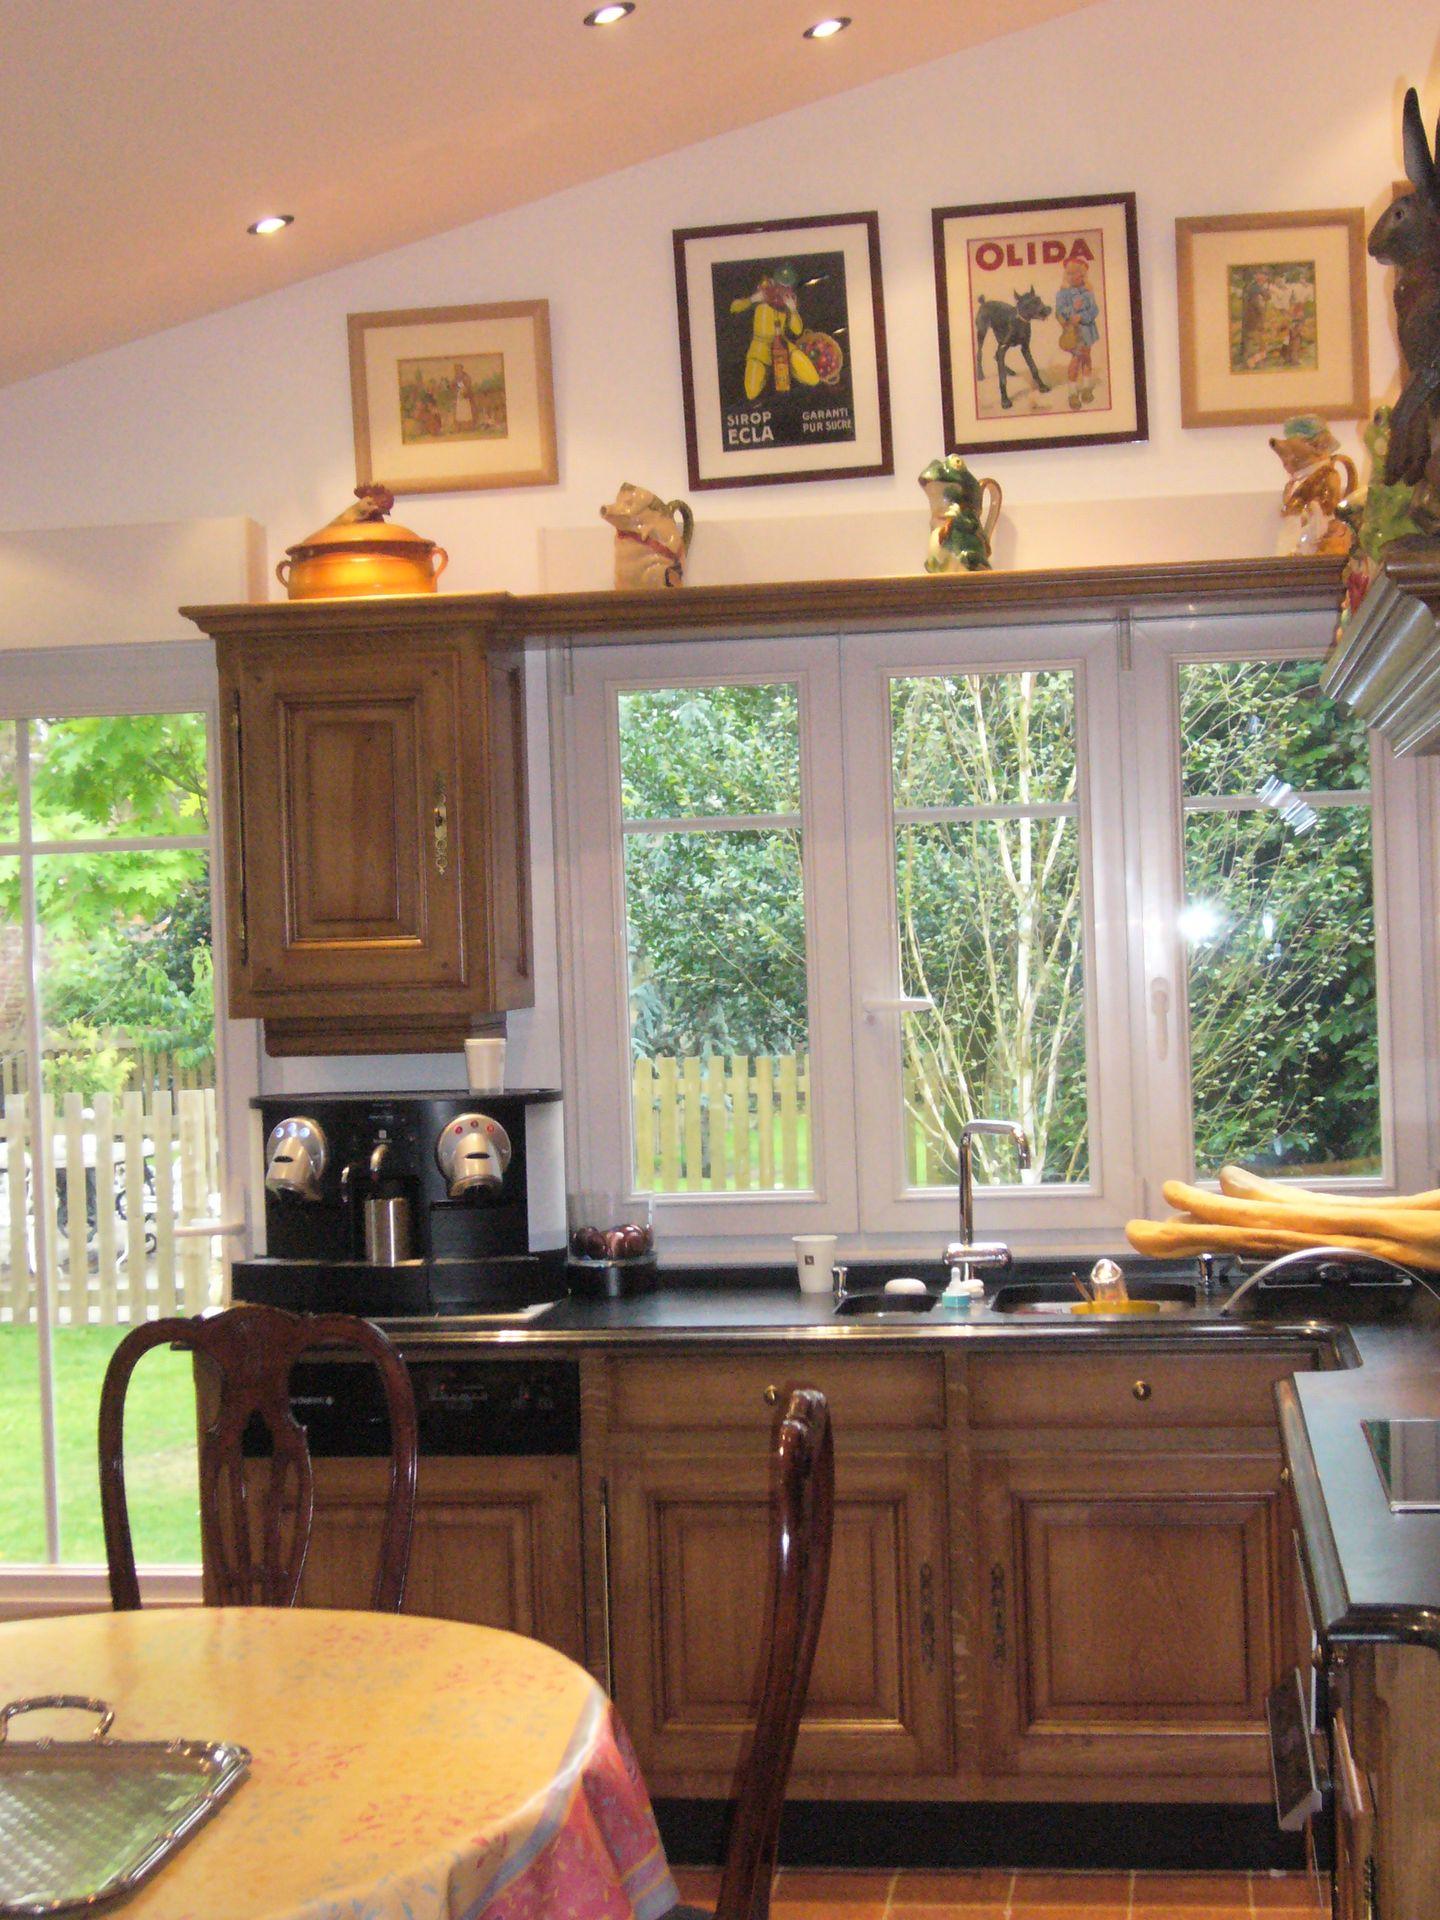 Cuisine rustique chene poignee de meuble de cuisine - Cuisine rustique repeinte ...